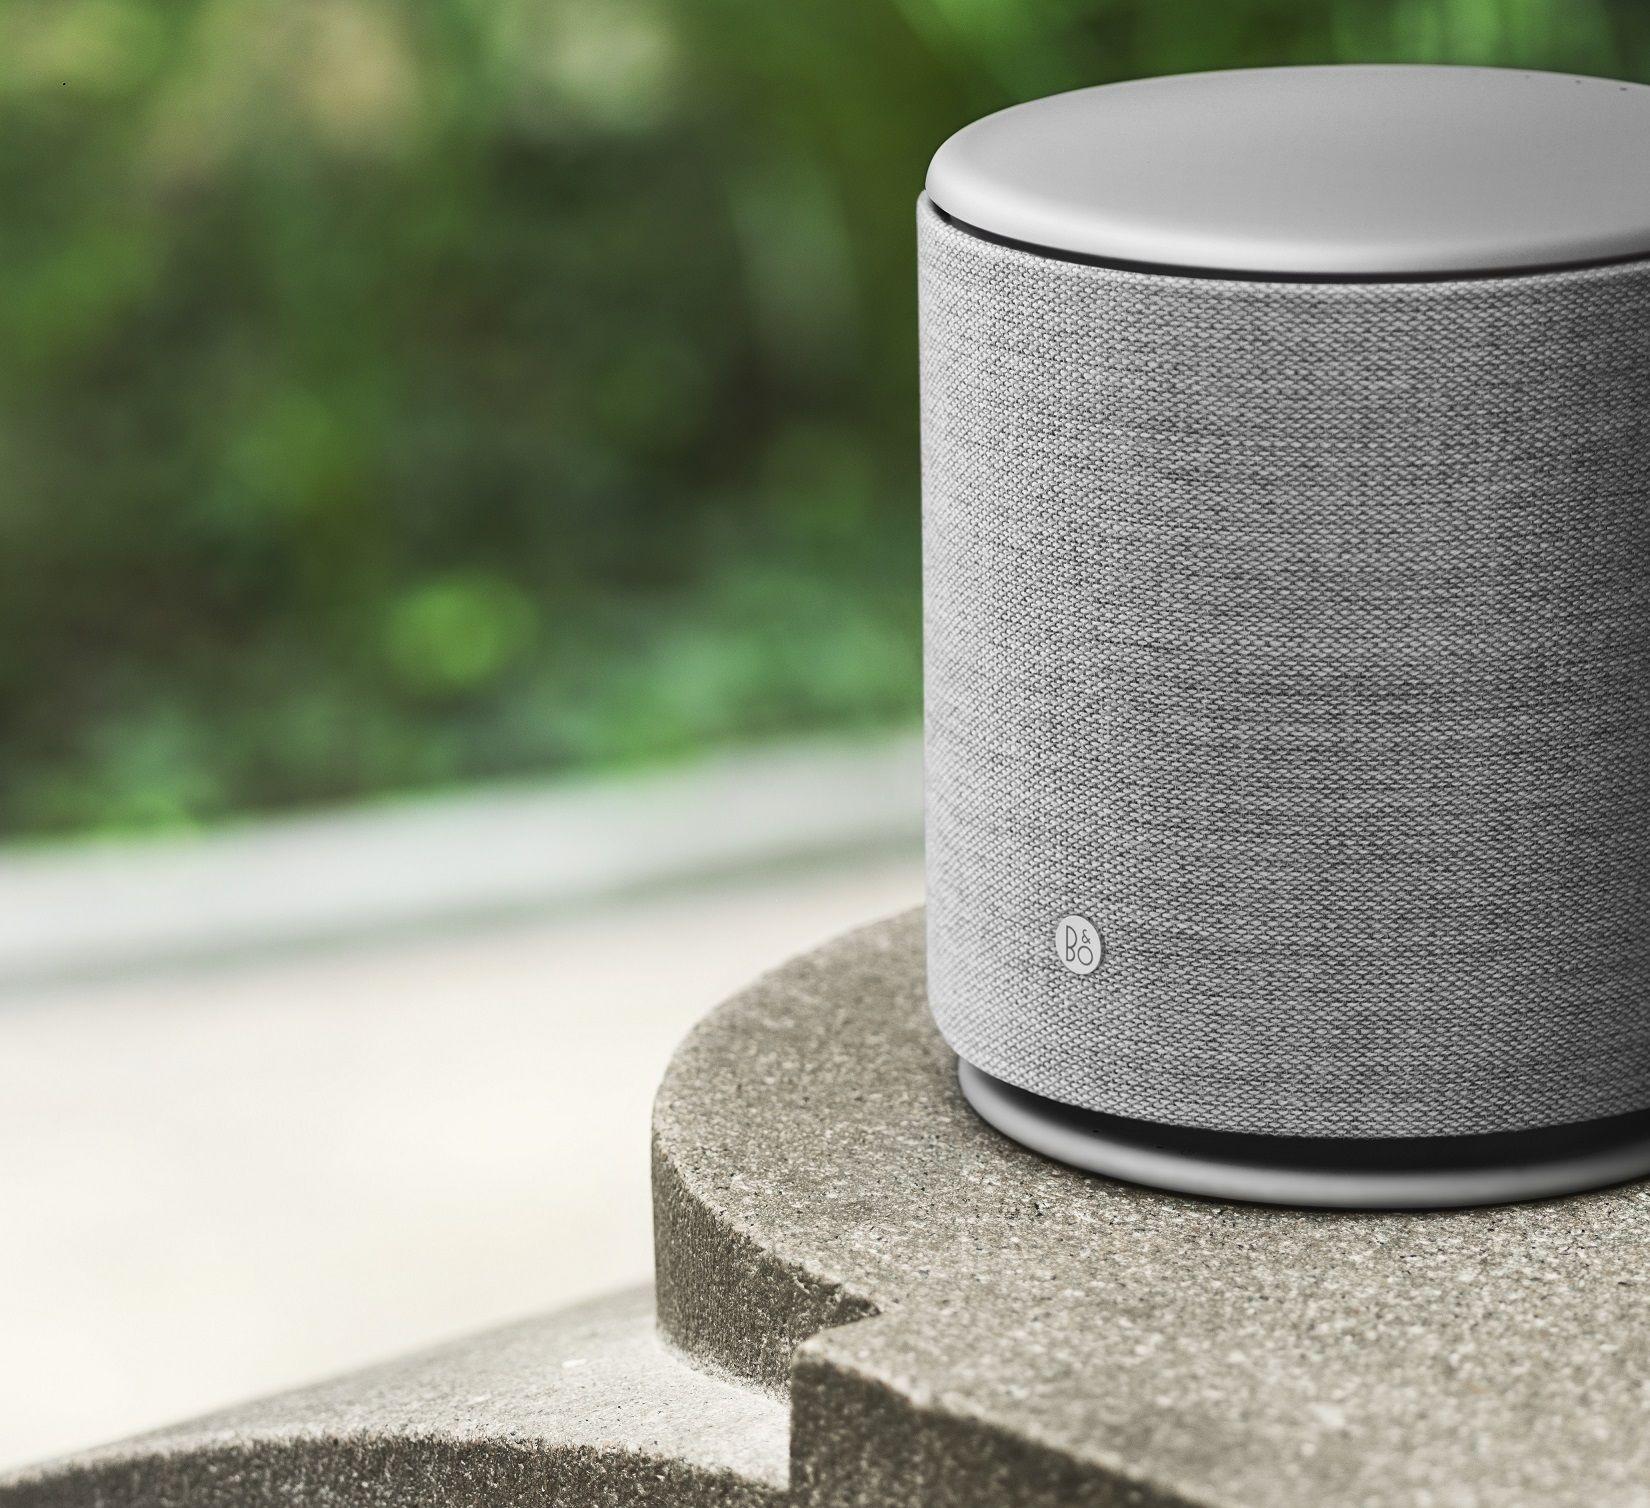 (6)Beoplay M5无线蓝牙音箱 - 自然灰色.jpg